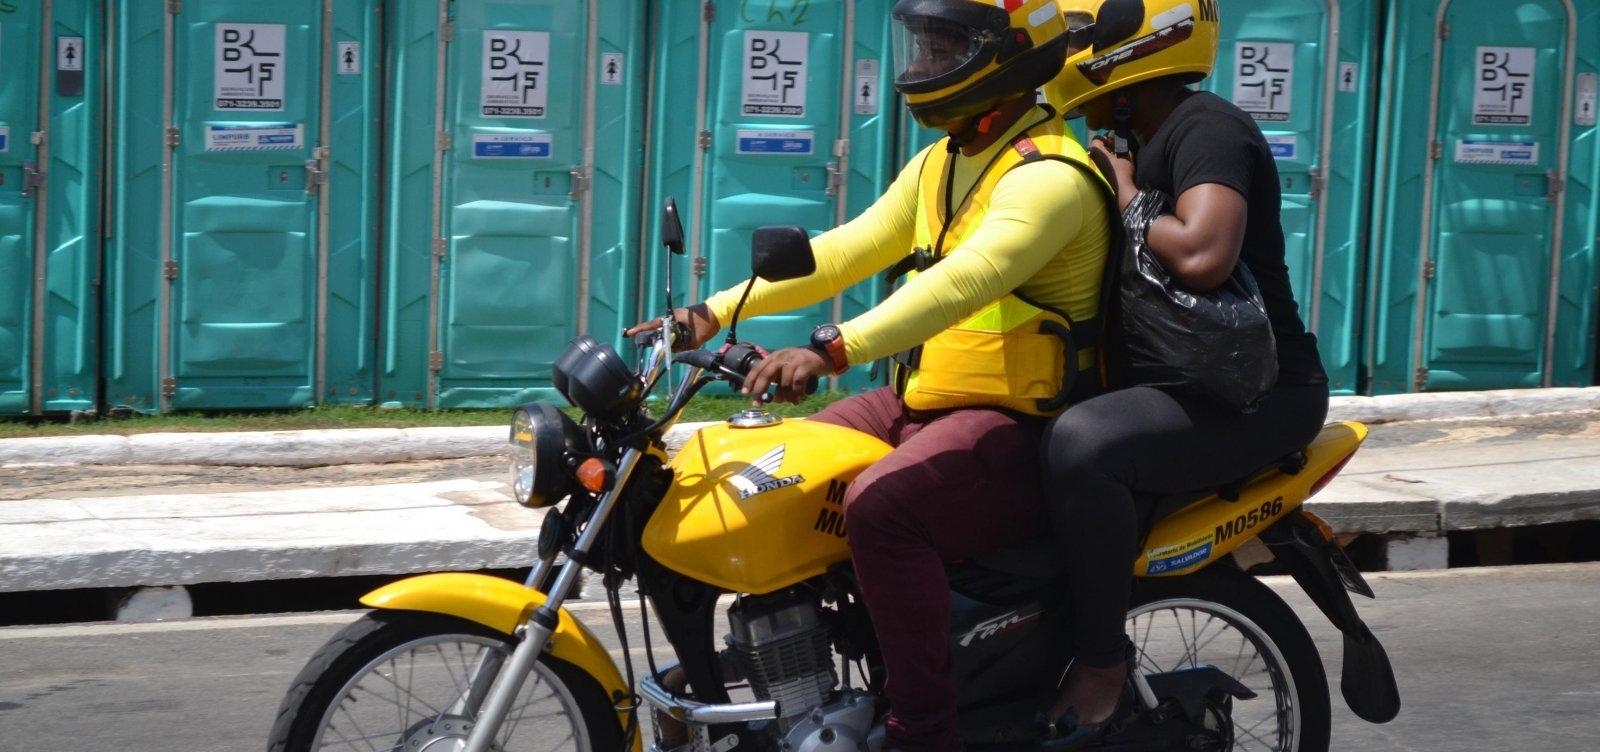 [Credenciamento de mototaxistas recomeça hoje com mais de 1,7 mil novas vagas]